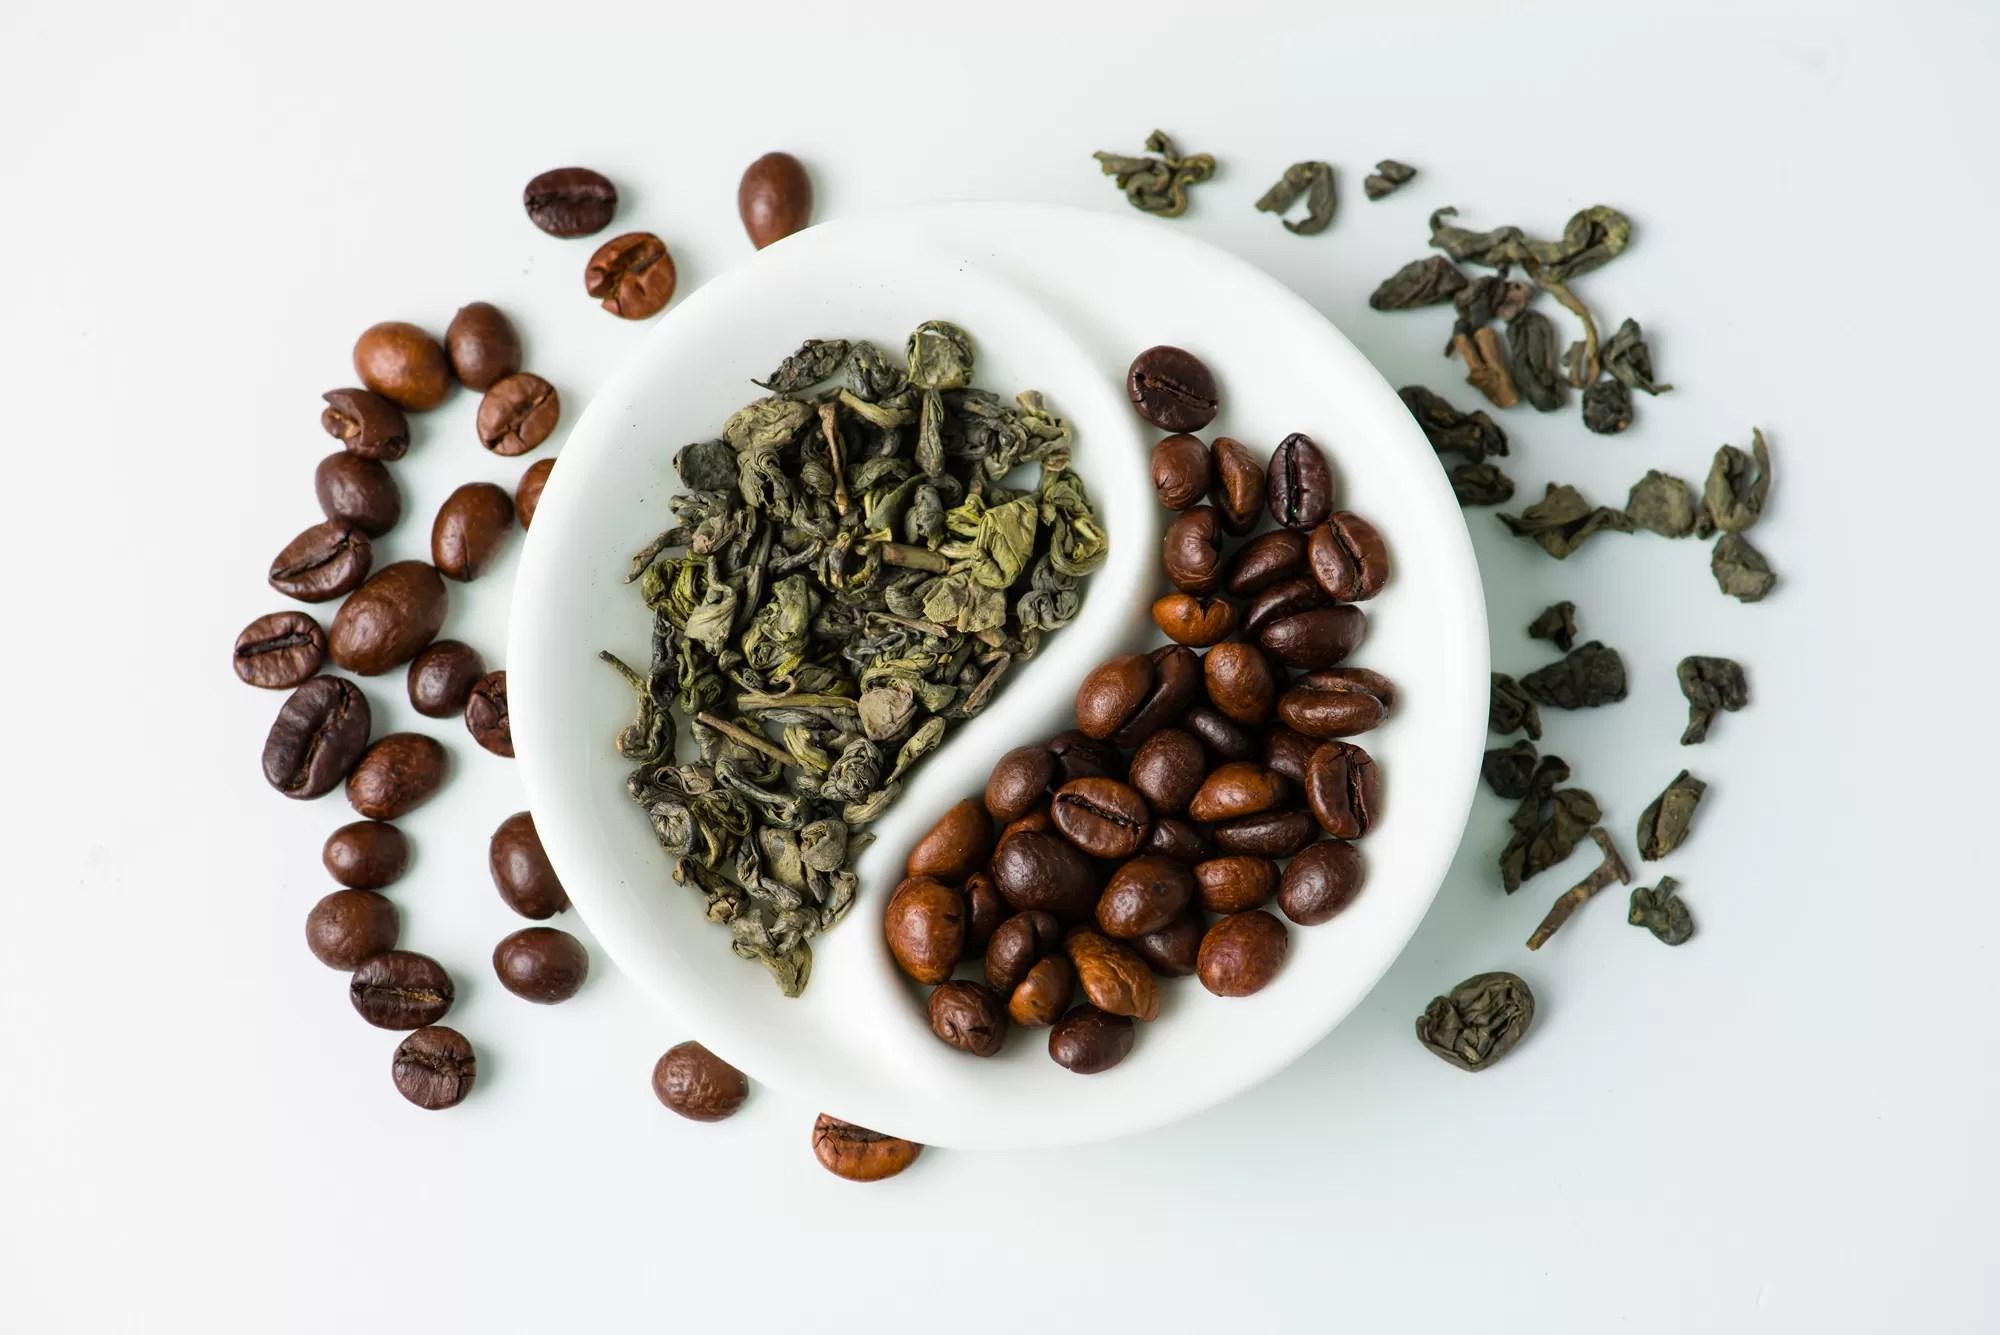 caffeina e teina - miti, raccomandazioni e informazioni utili